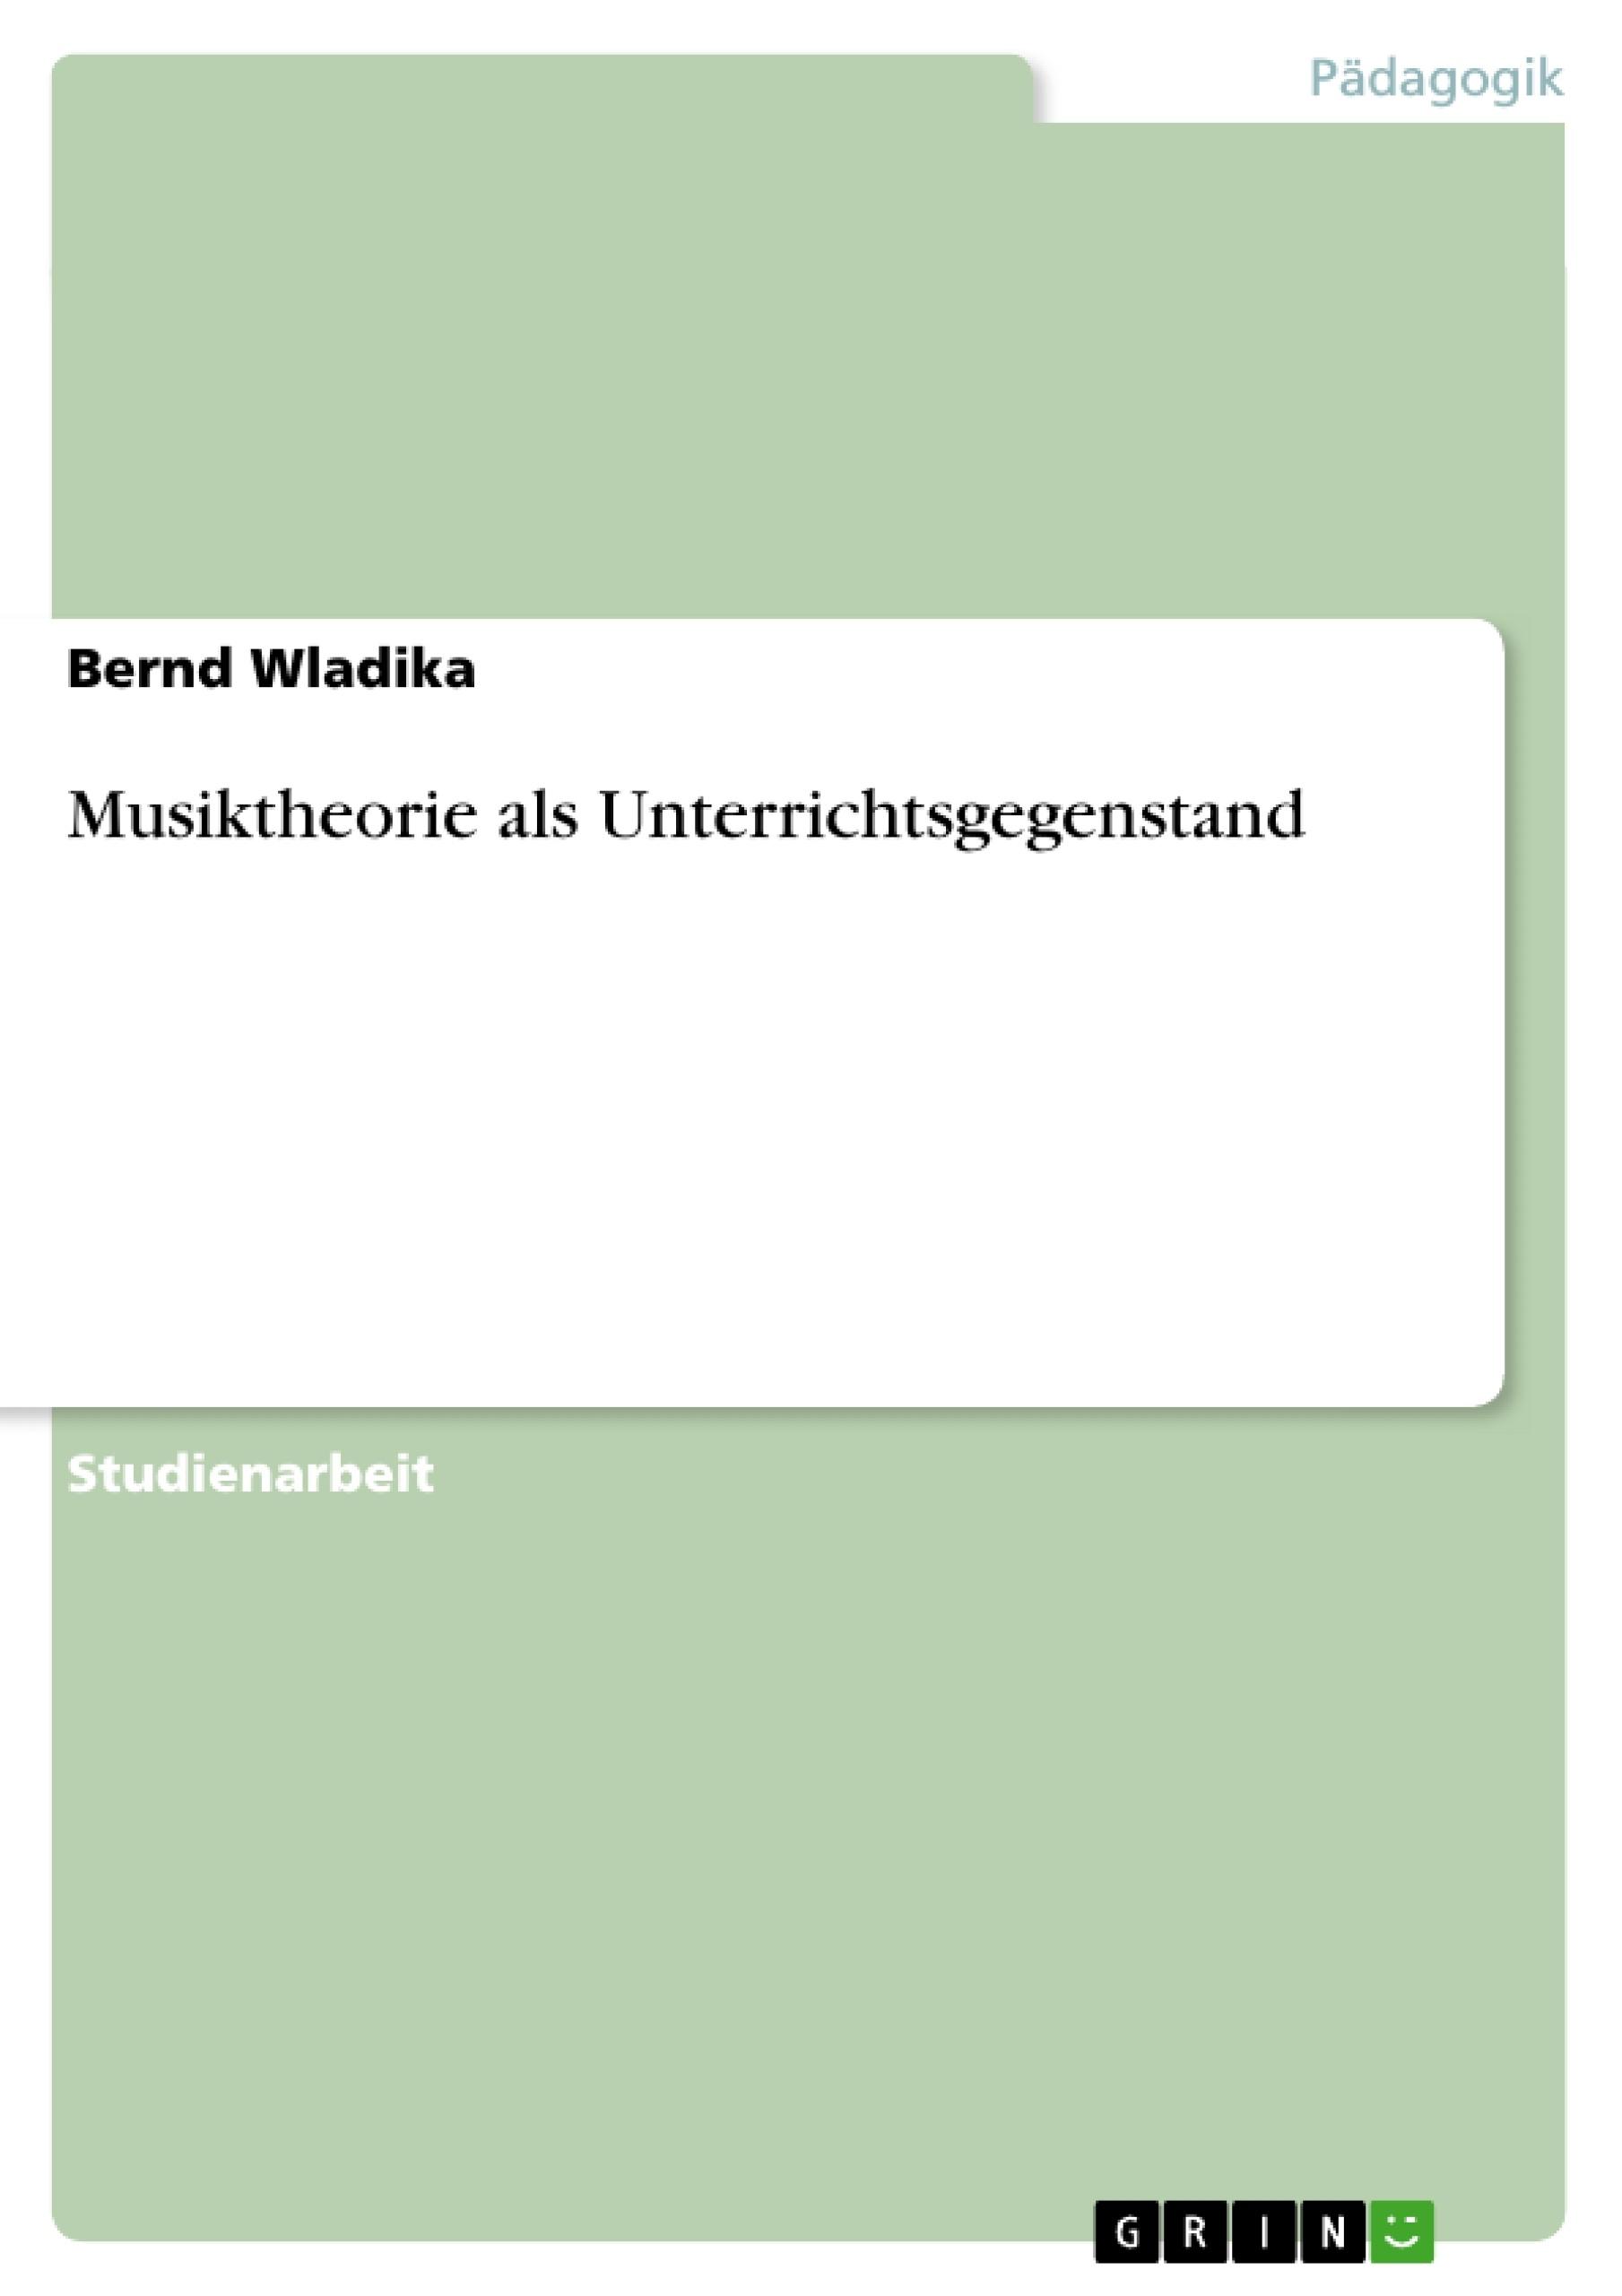 Titel: Musiktheorie als Unterrichtsgegenstand